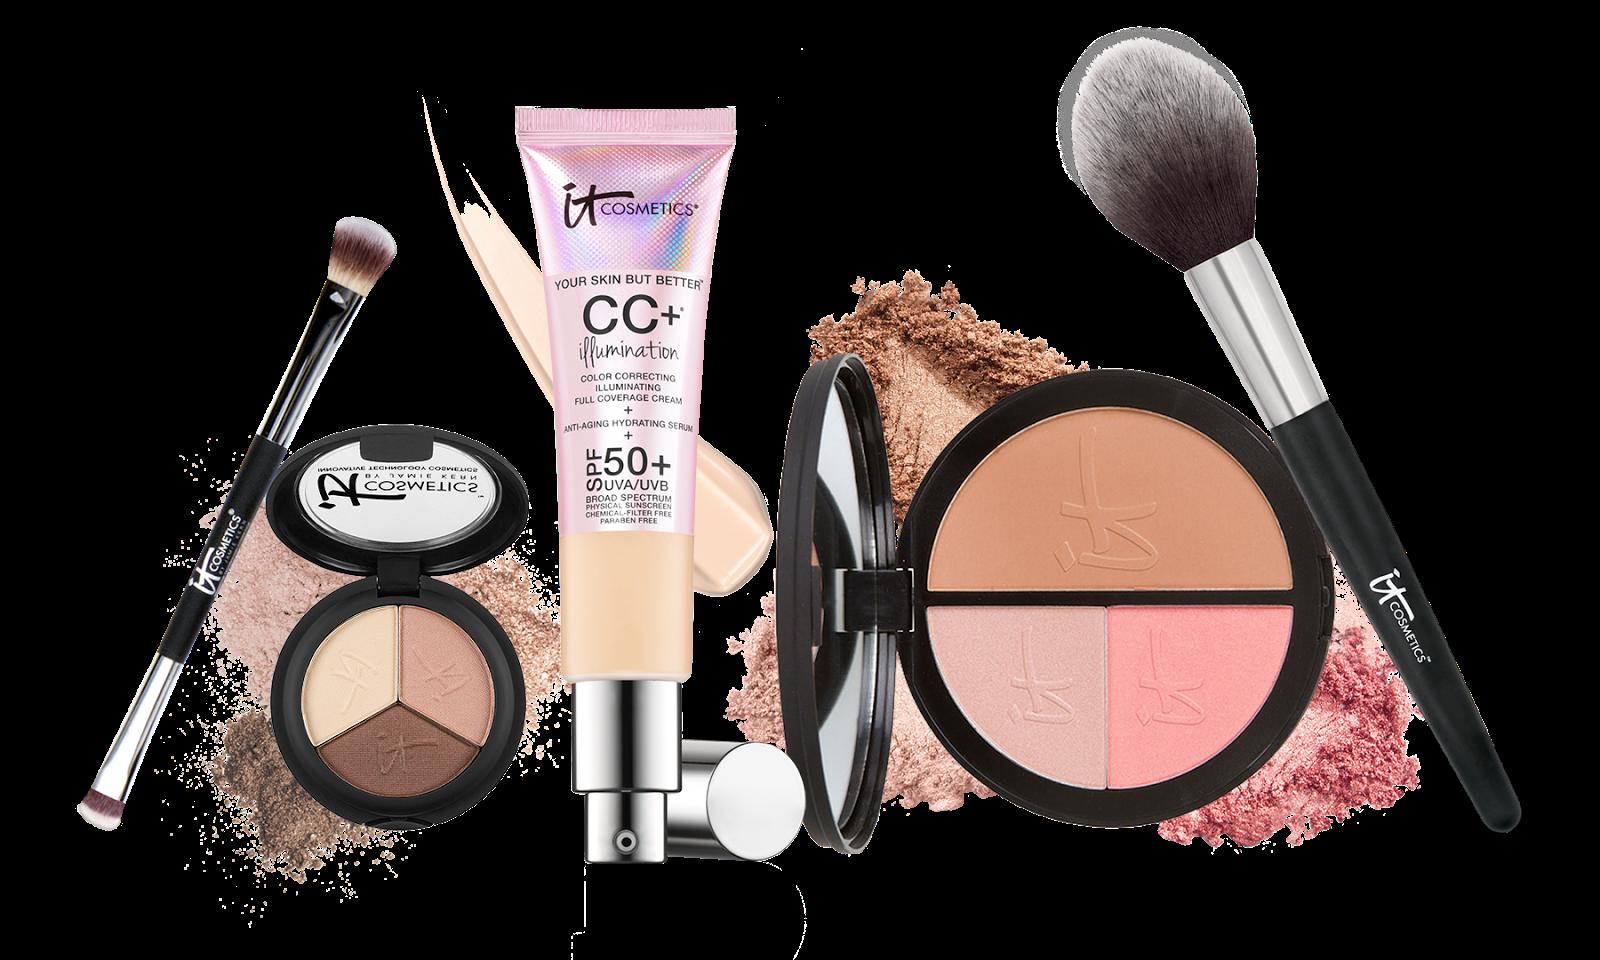 jpg freeuse stock Kit products png transparent. Makeup clipart makeup box.